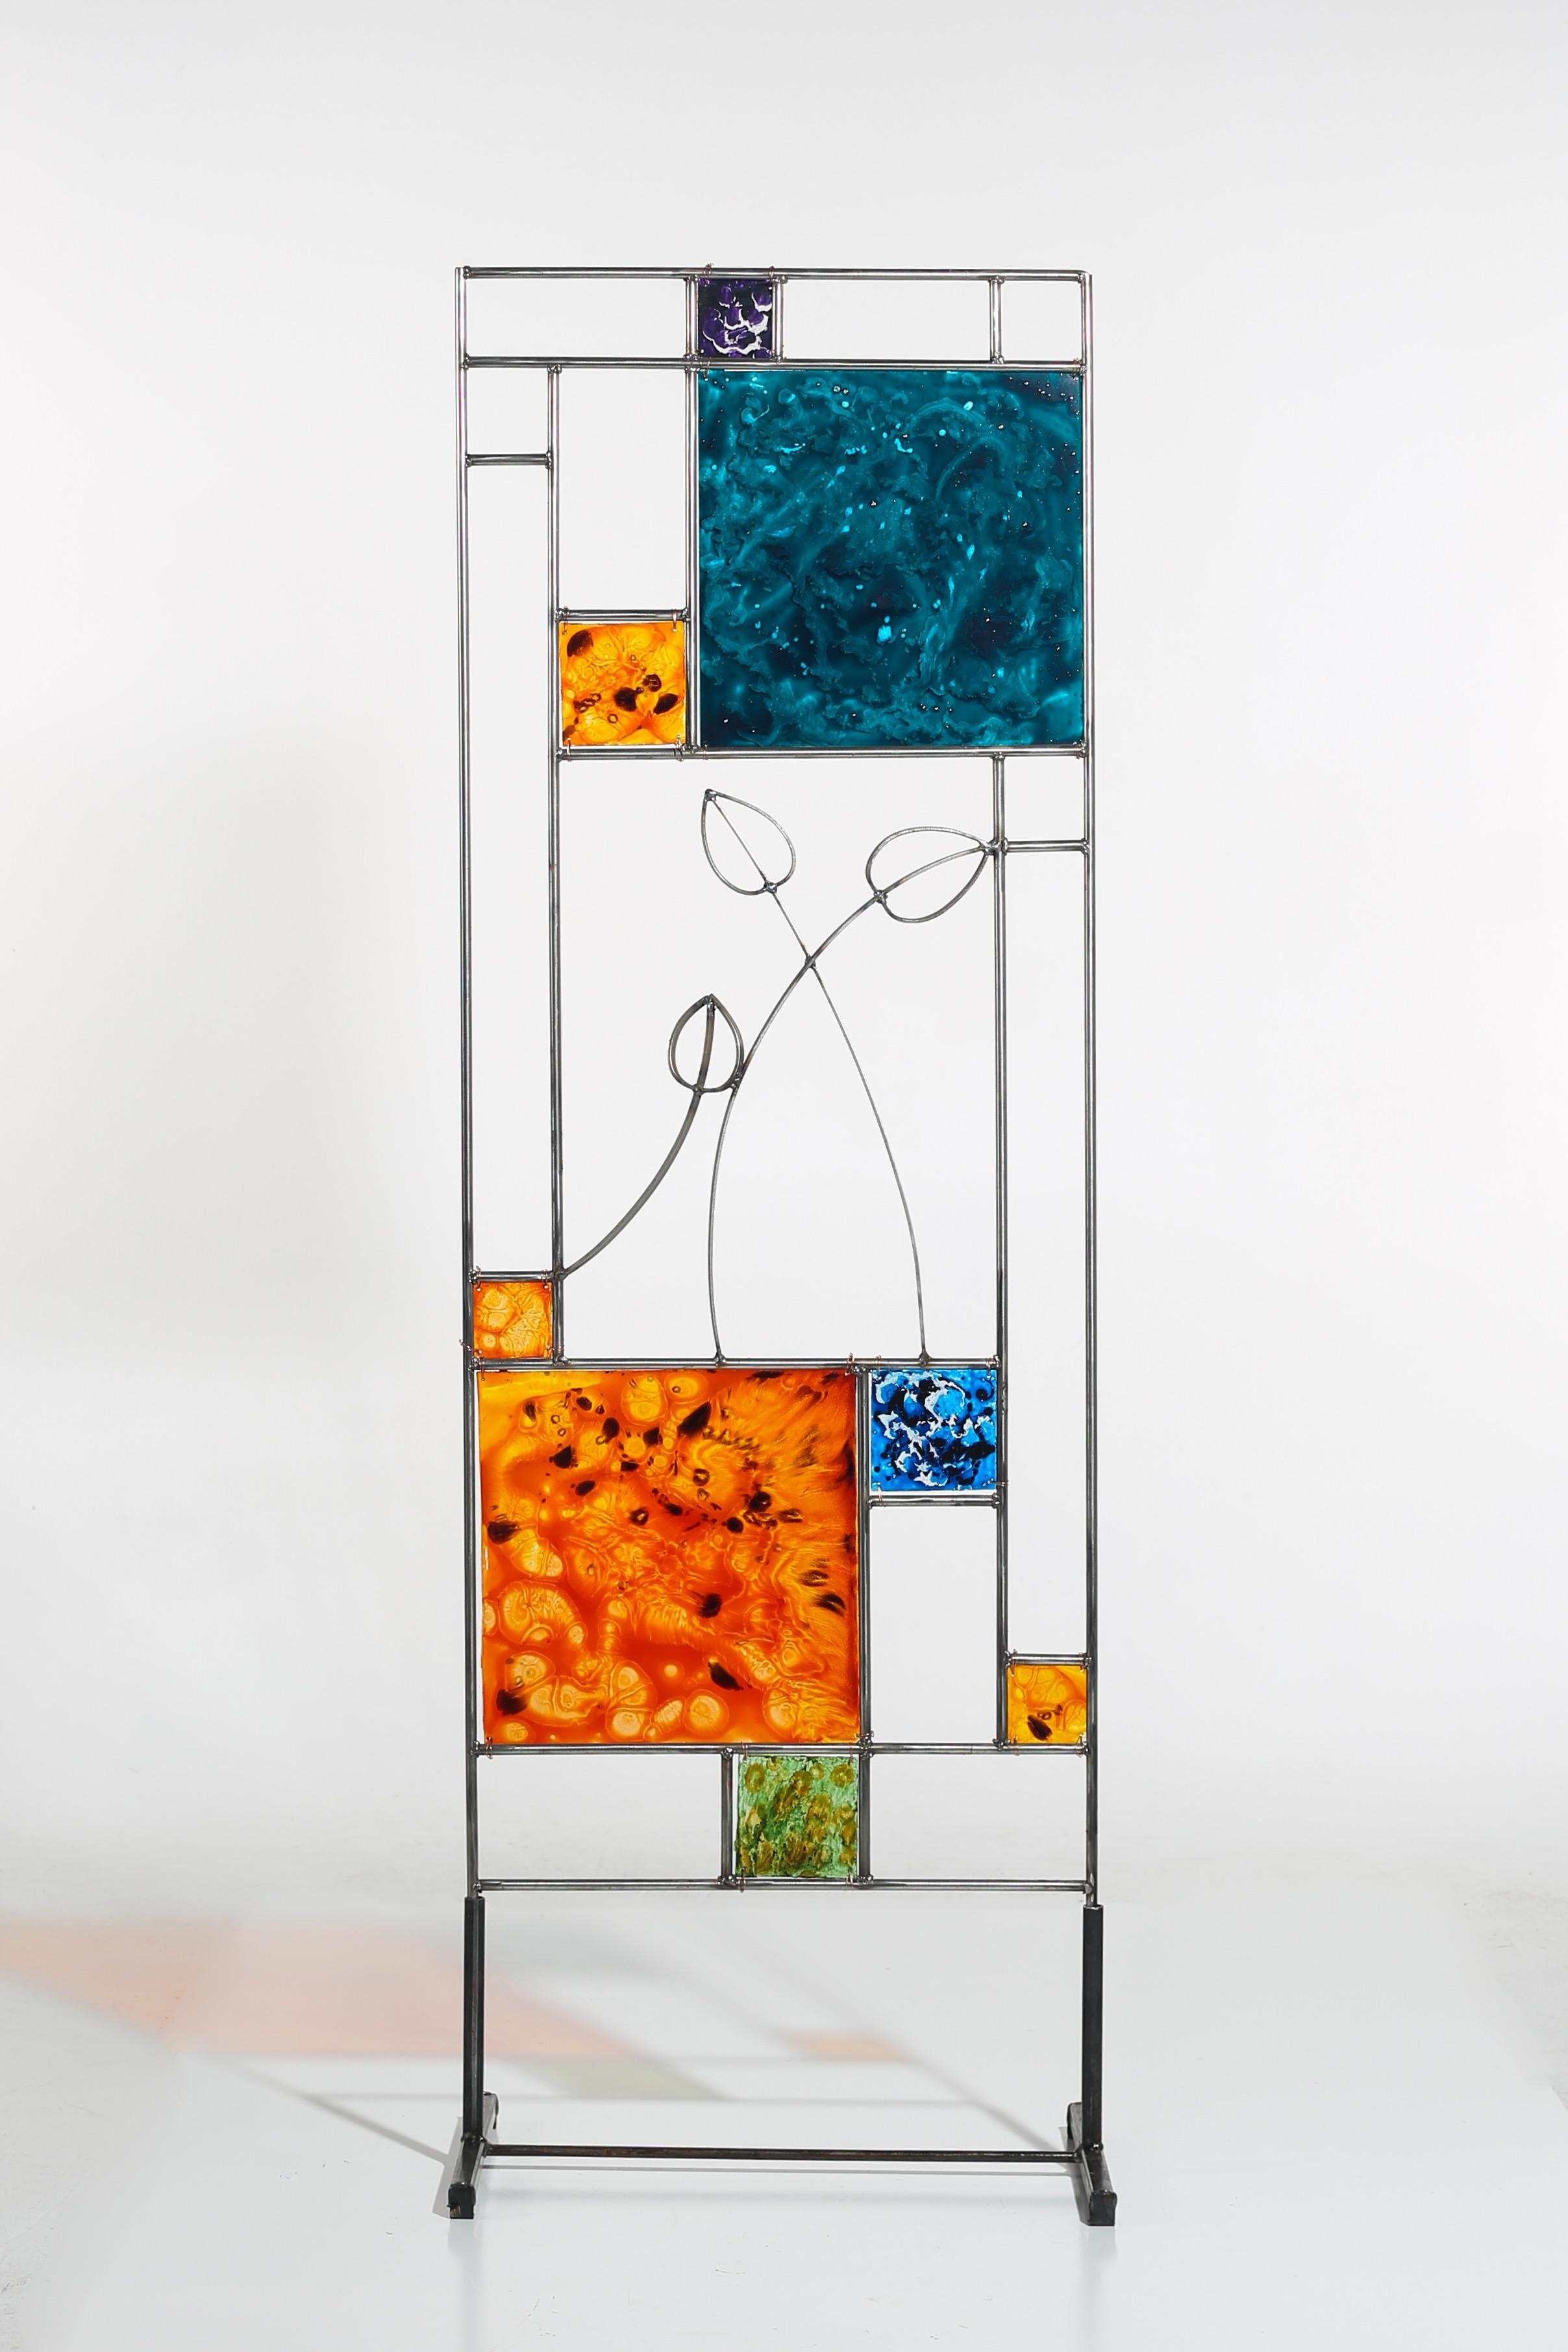 Steel & glass screen $445